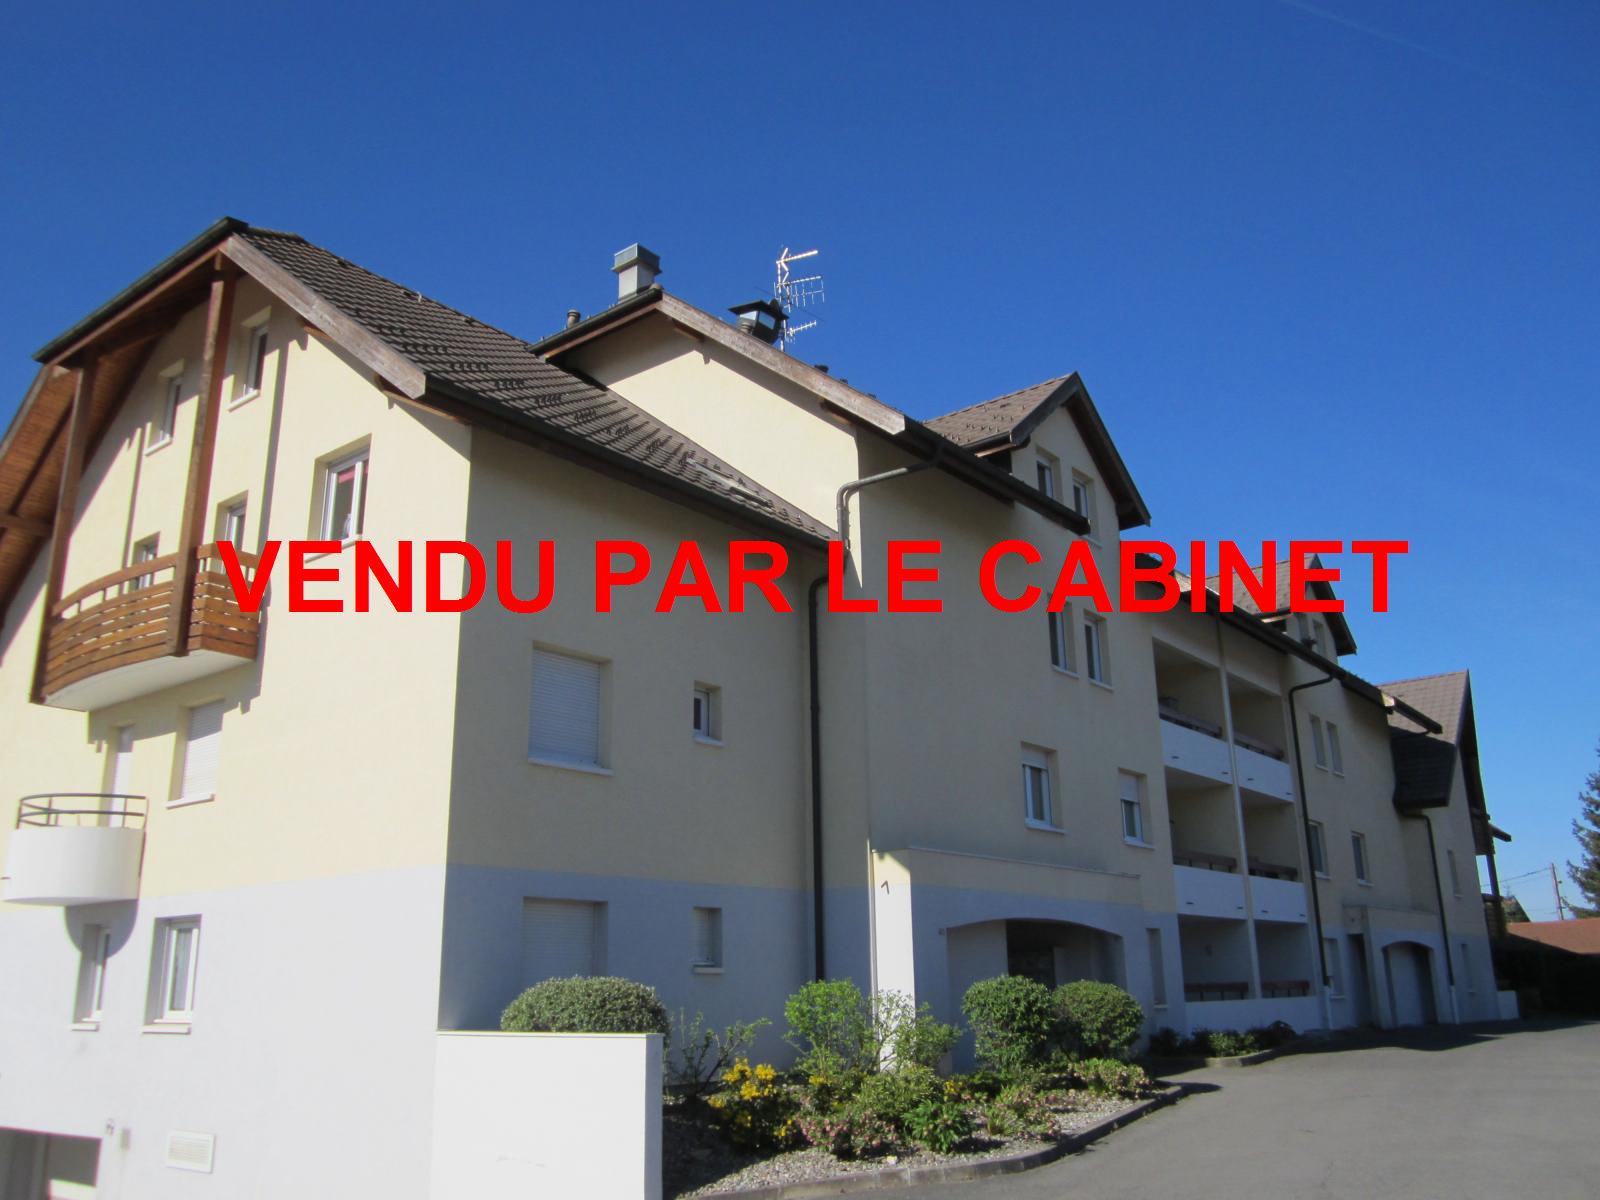 EXCLUSIVITE Feigères Appartement T4 dernier étage dans petite résidence... VENDU PAR LE CABINET